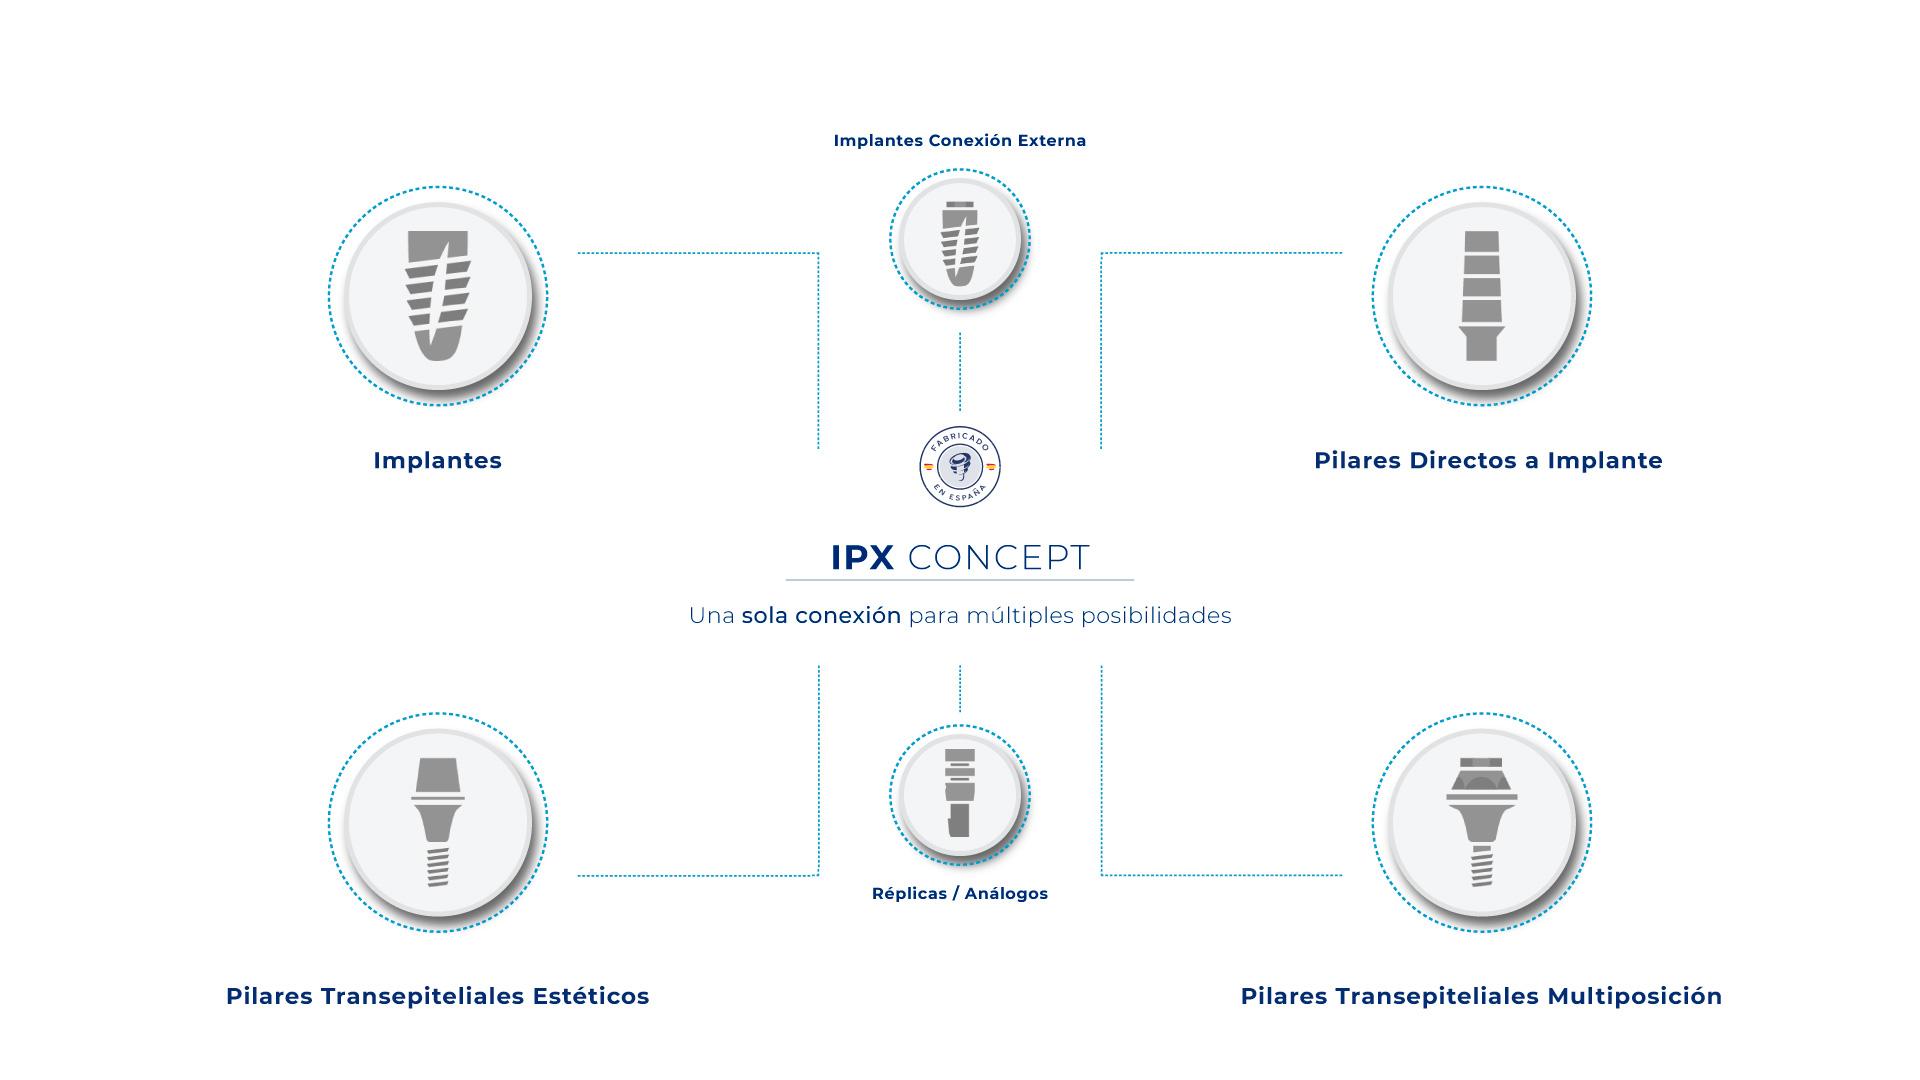 Ipx Concept